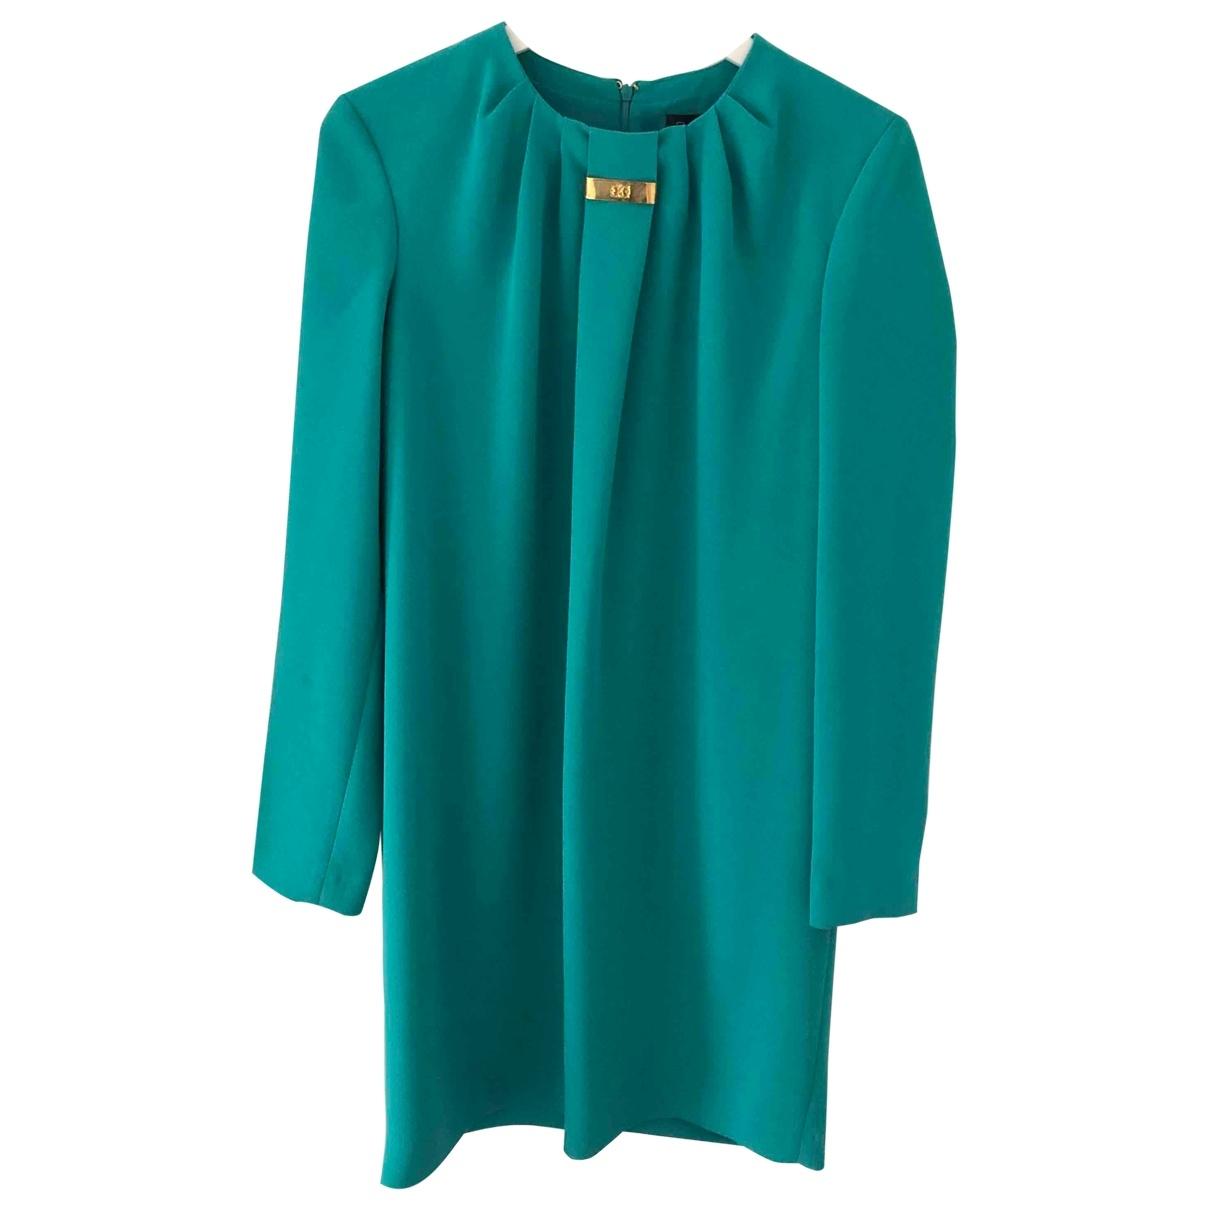 Class Cavalli \N Kleid in  Tuerkis Polyester